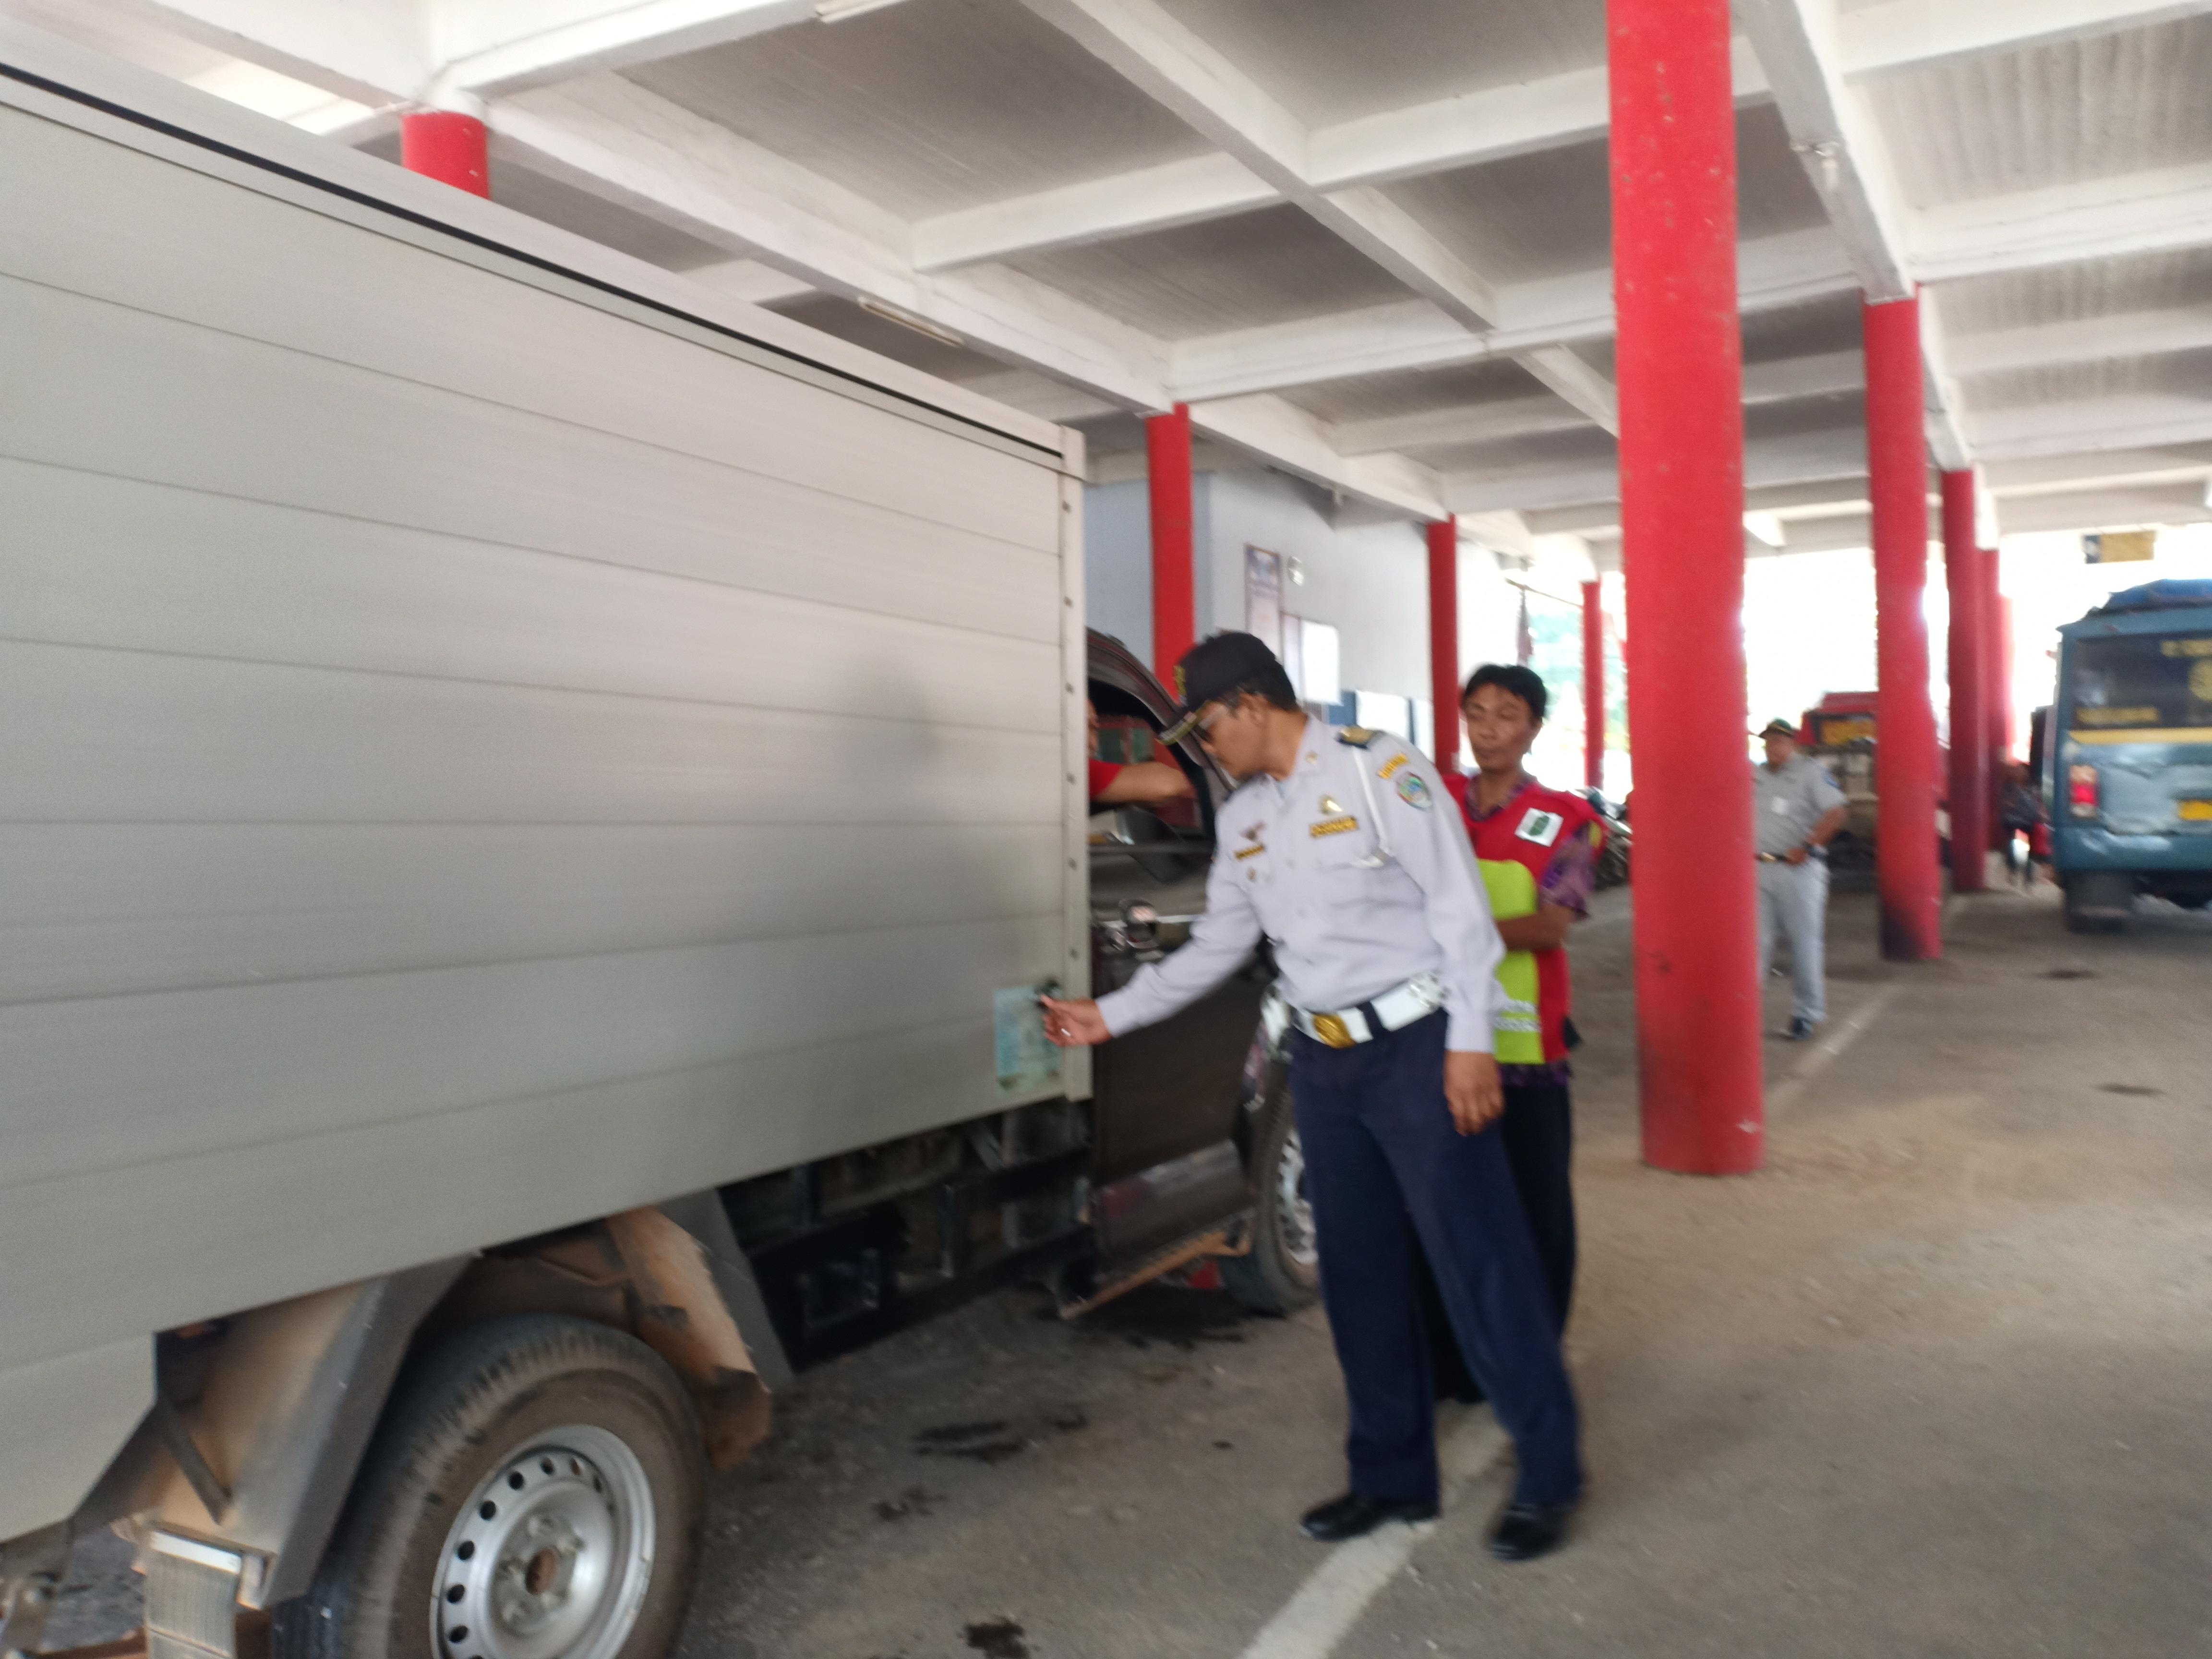 Dinas Perhubungan Kabupaten Landak Melaksanakan Giat Uji Petik Kendaraan Bermotor.